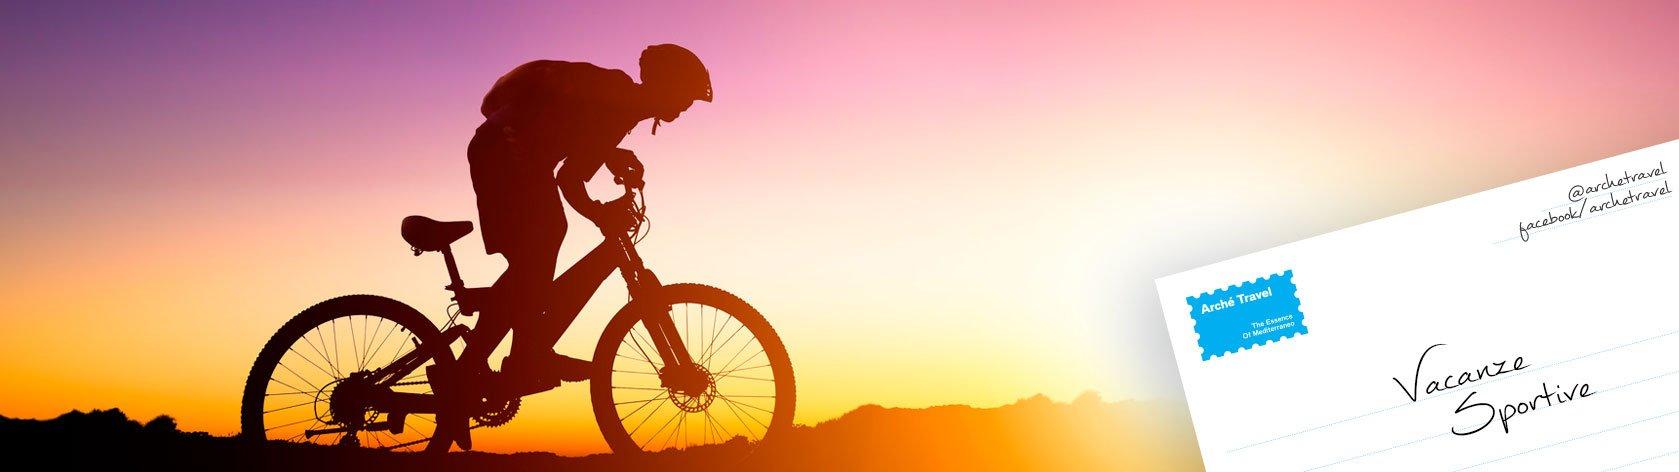 Vacanze Sportive - Viaggi in Bici e Multisport -  Arché Travel - Tour Operator